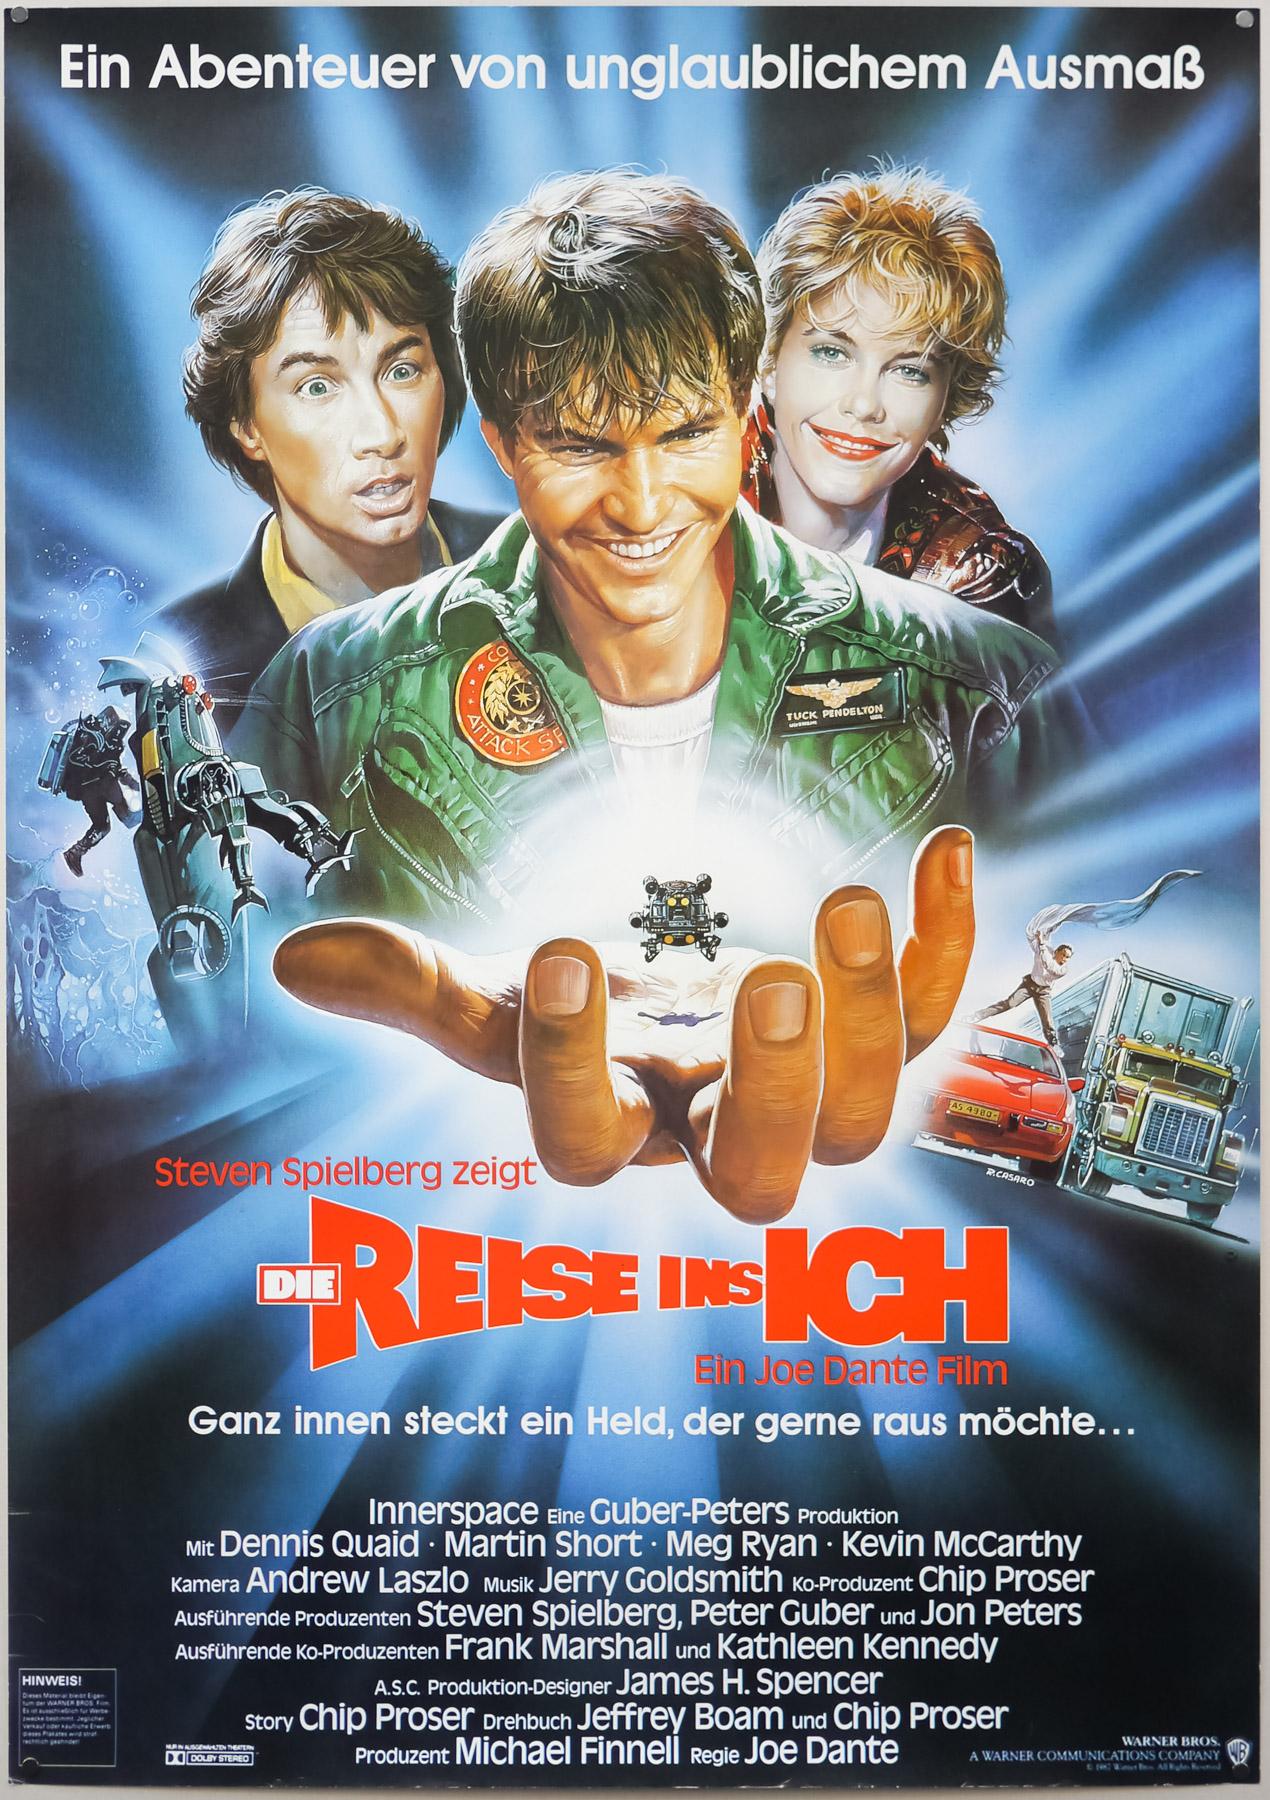 Innerspace German poster